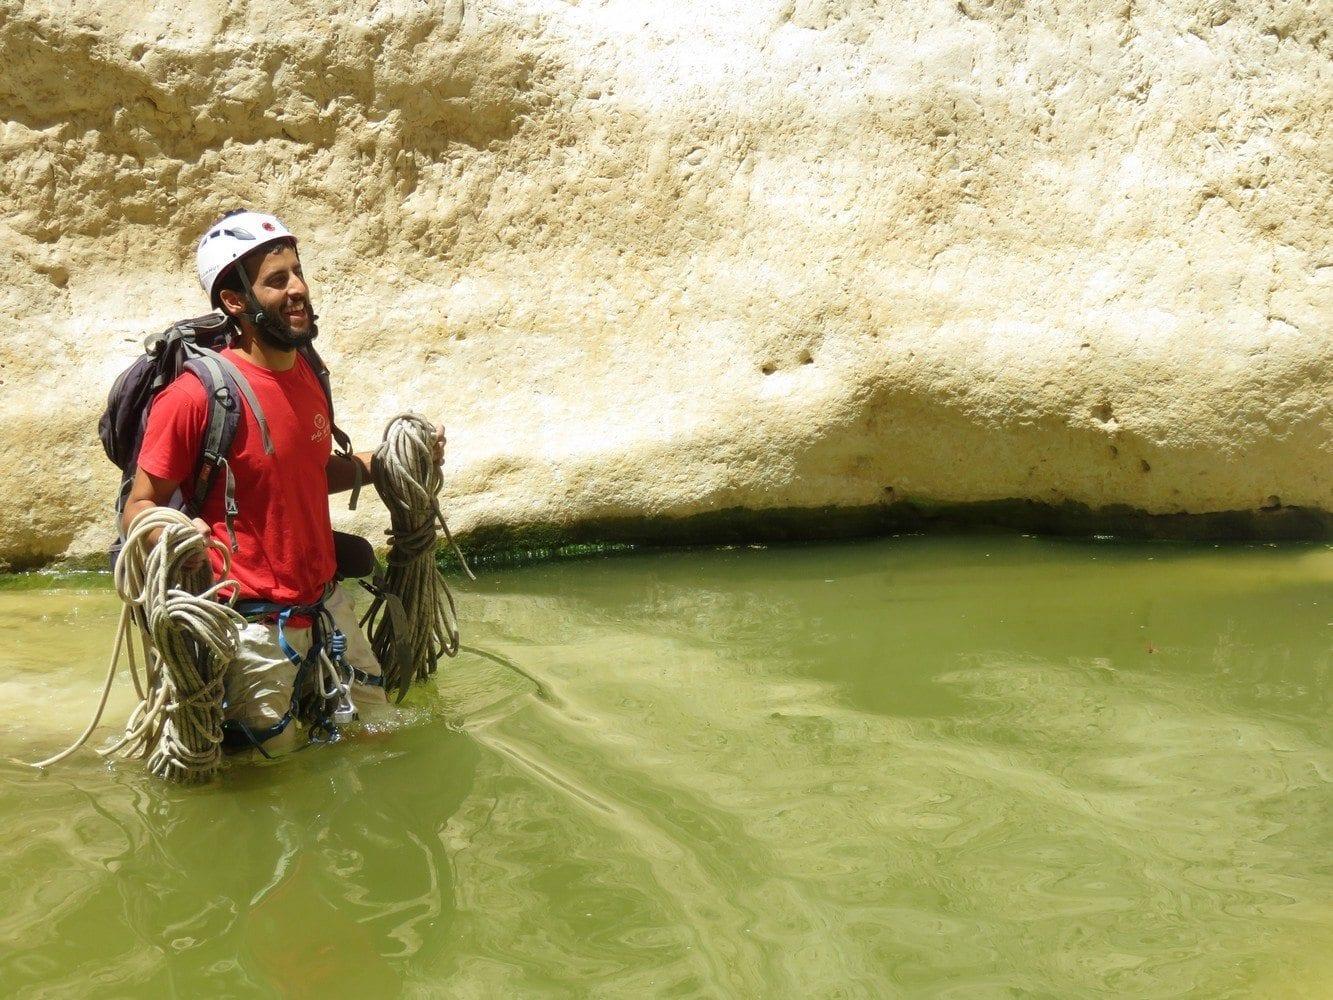 מסלולי סנפלינג ומים עם ערוצים בטבע